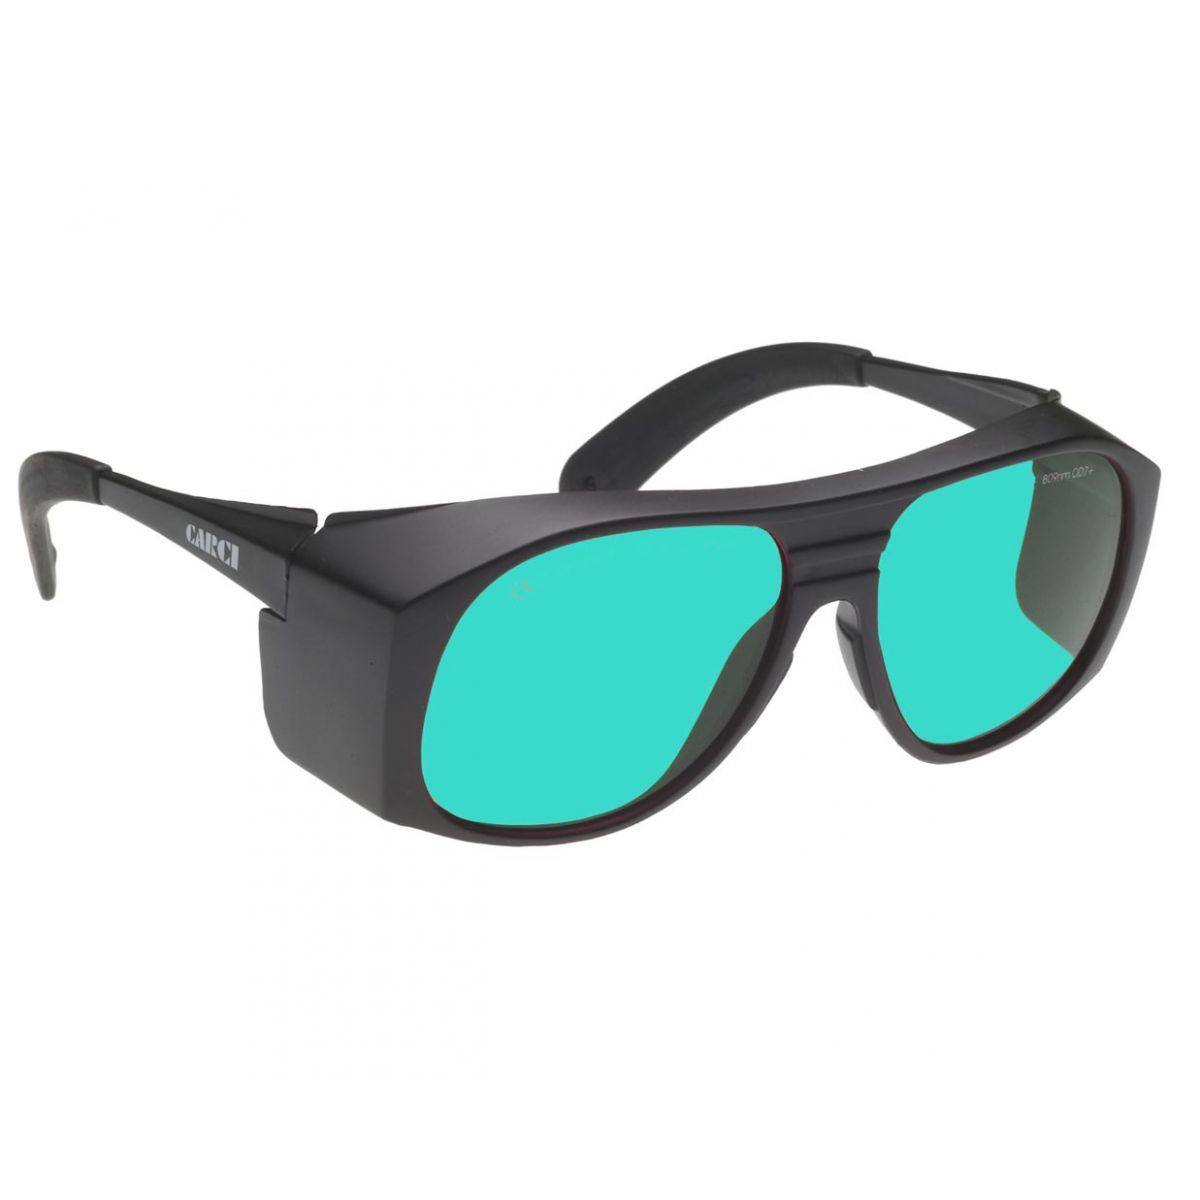 Óculos para laserterapia - ML3#33